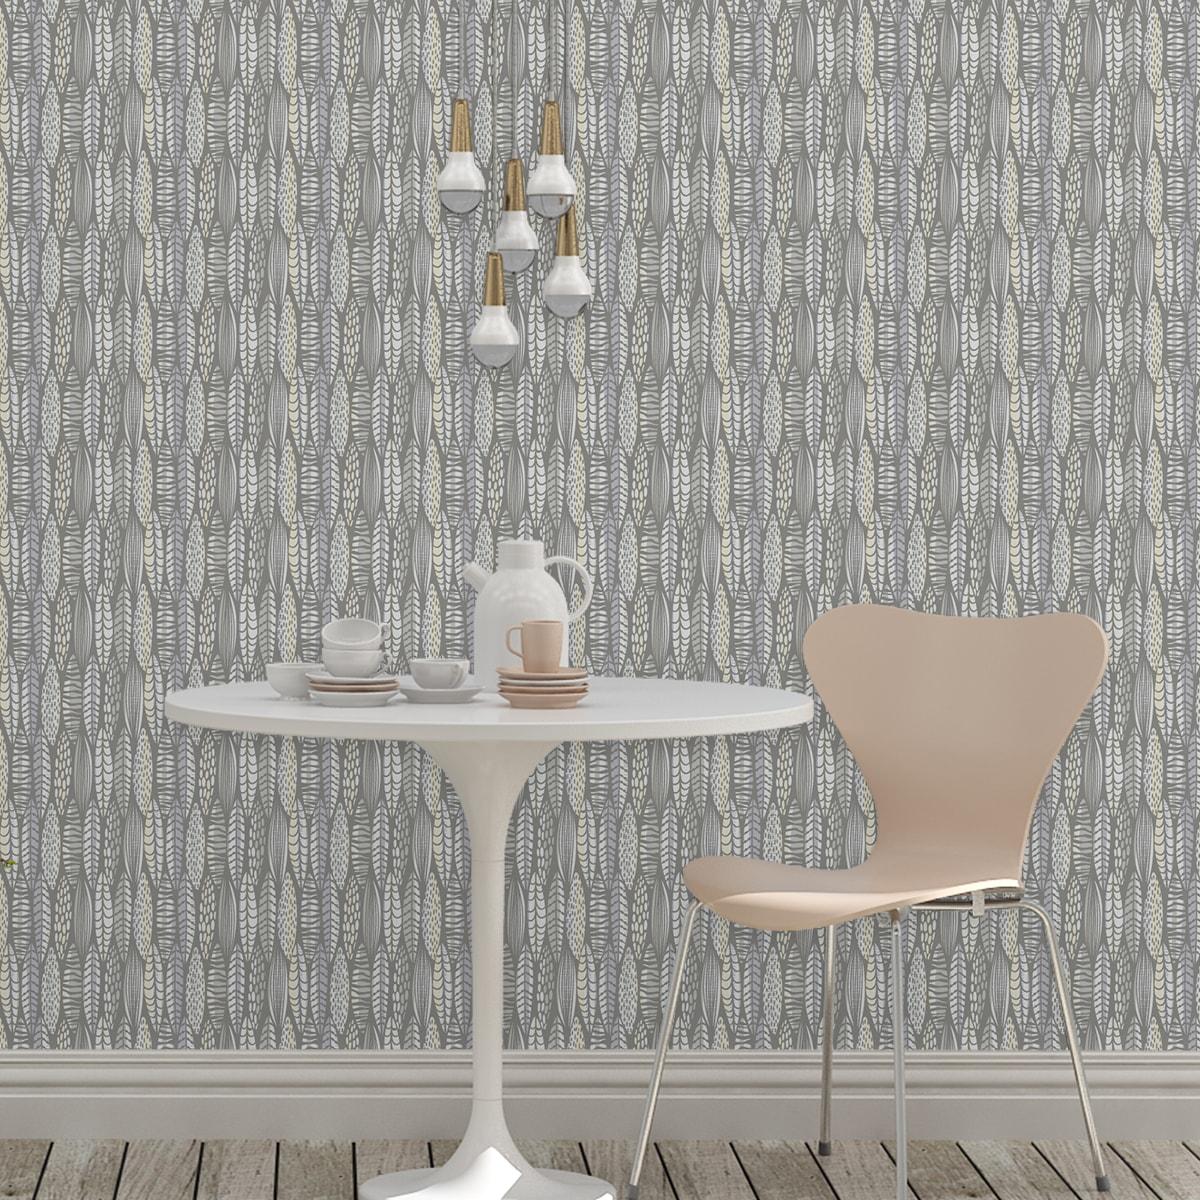 Wandtapete grau: Moderne Tapete Streifen Blätter grafisch floral in grau, Streifentapete für Ihr Zuhause